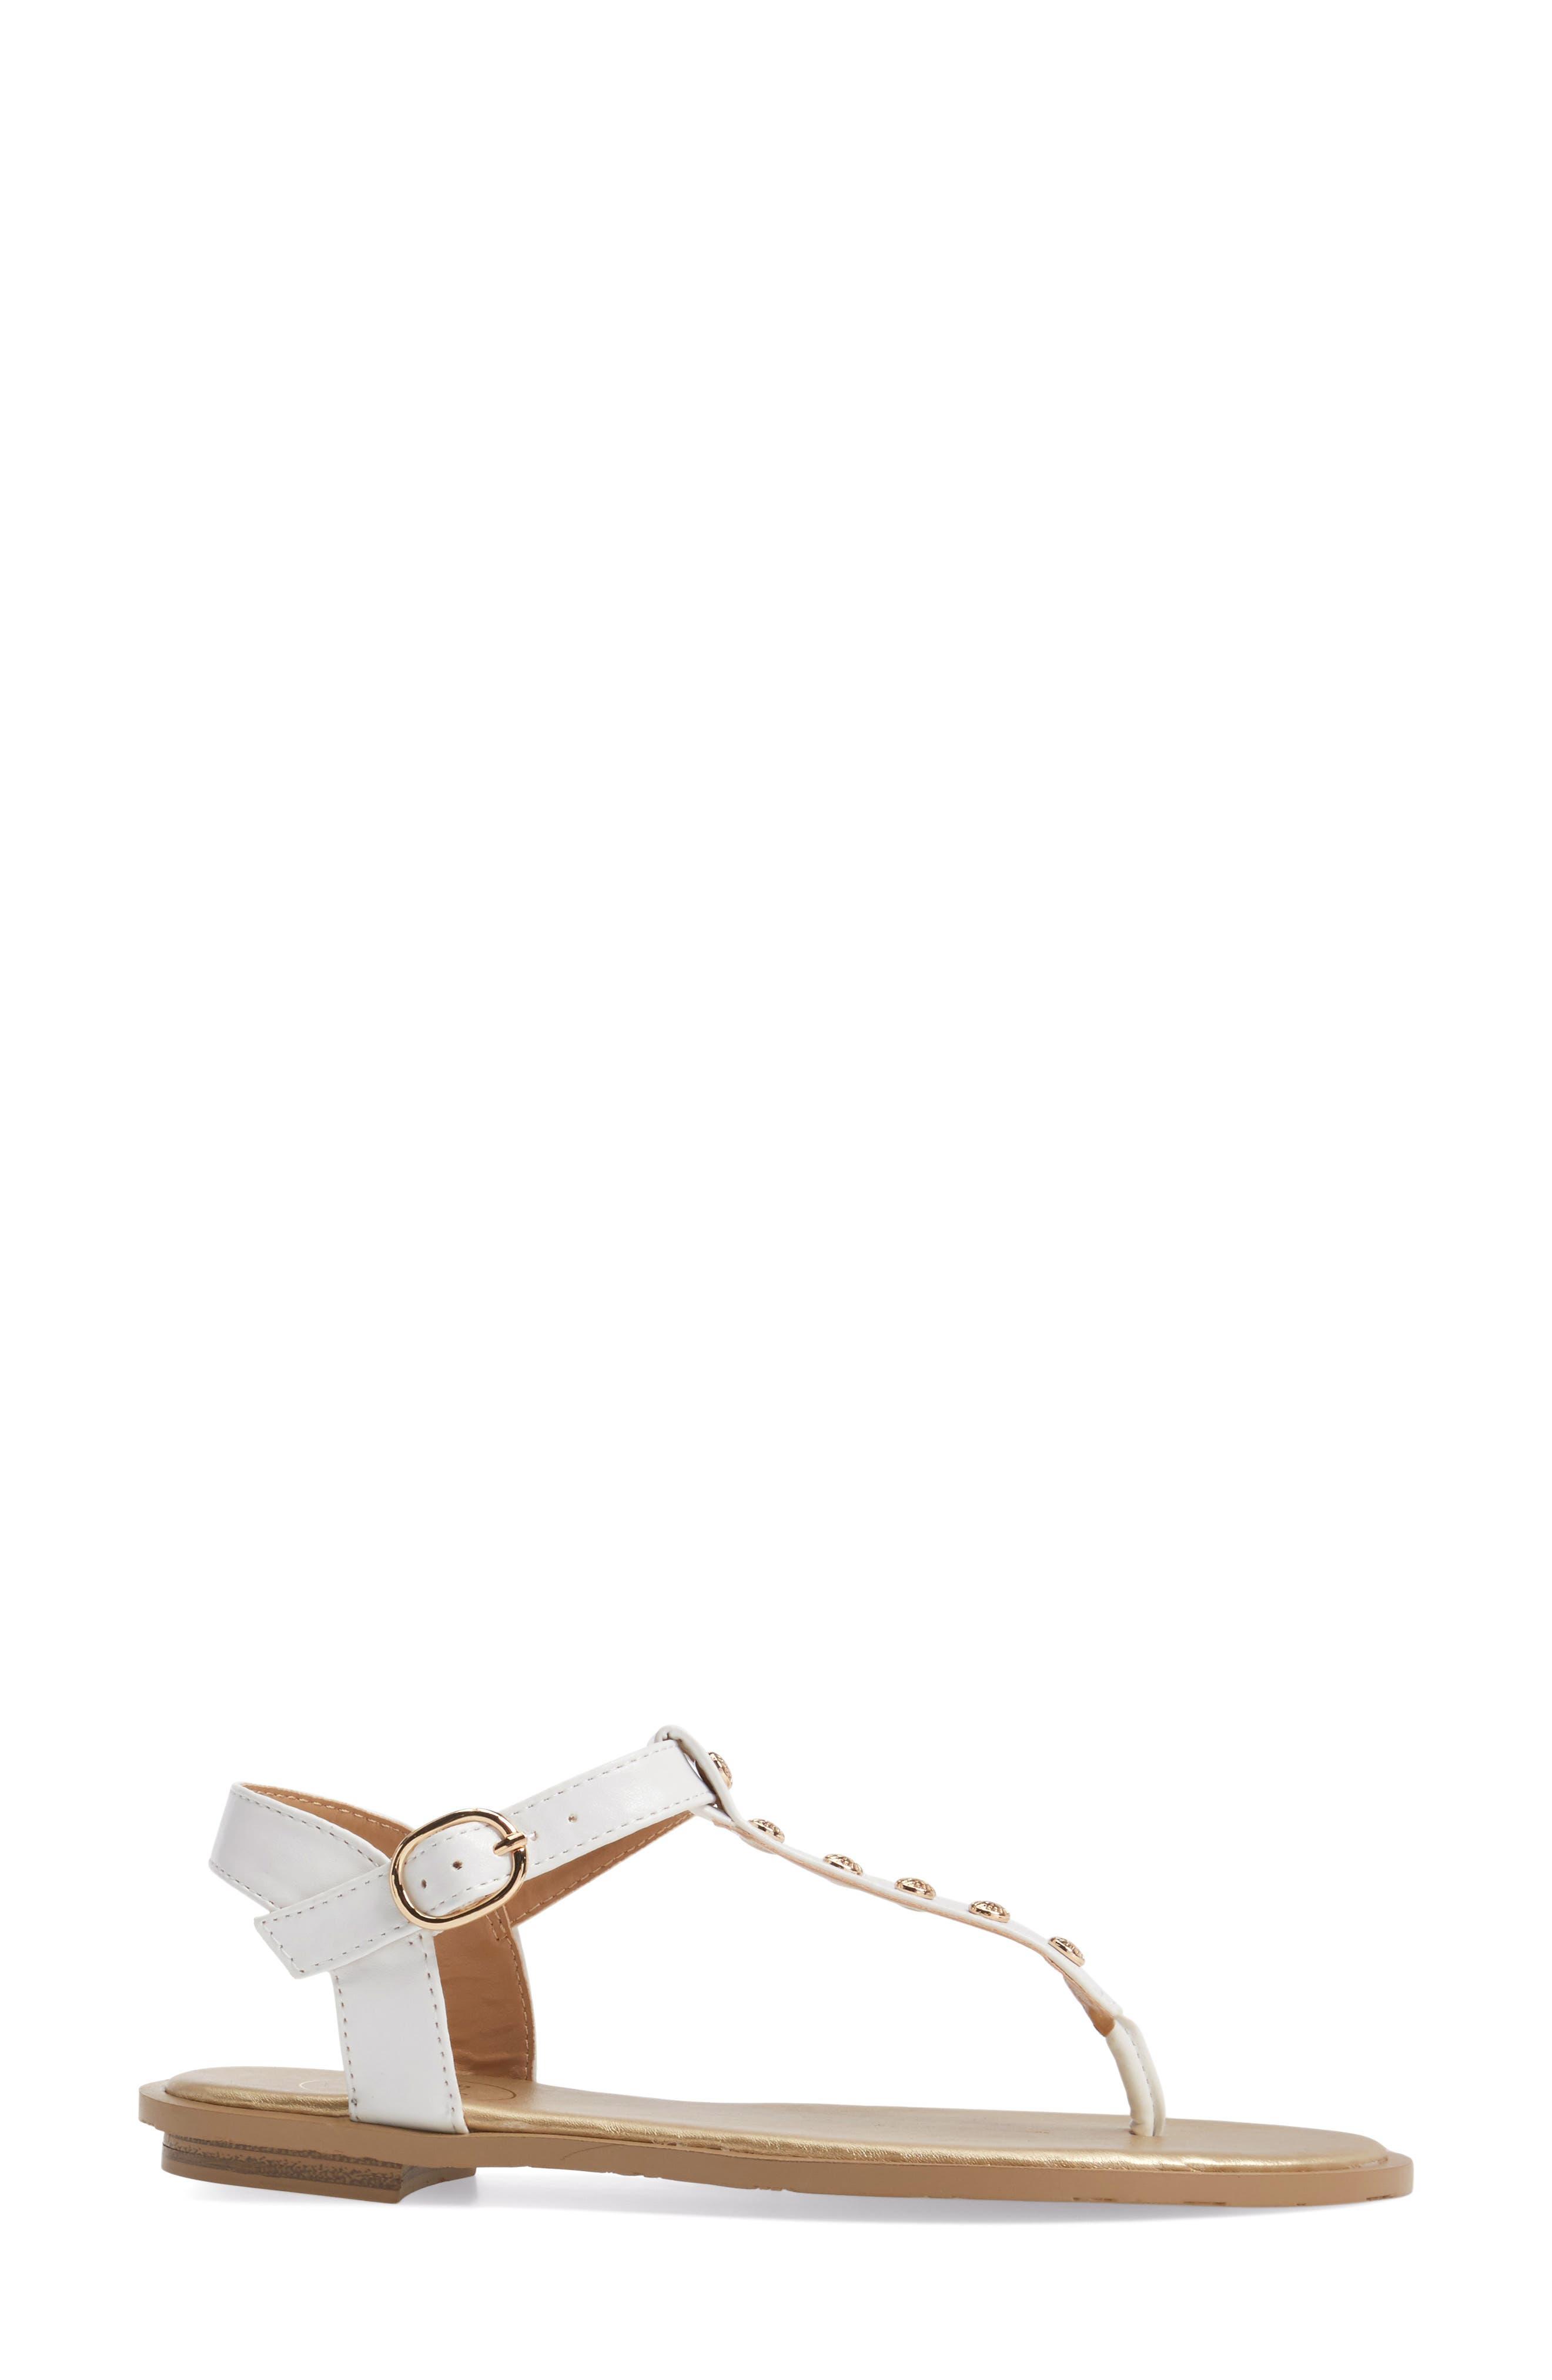 Kamri T-Strap Sandal,                             Alternate thumbnail 3, color,                             White Leather